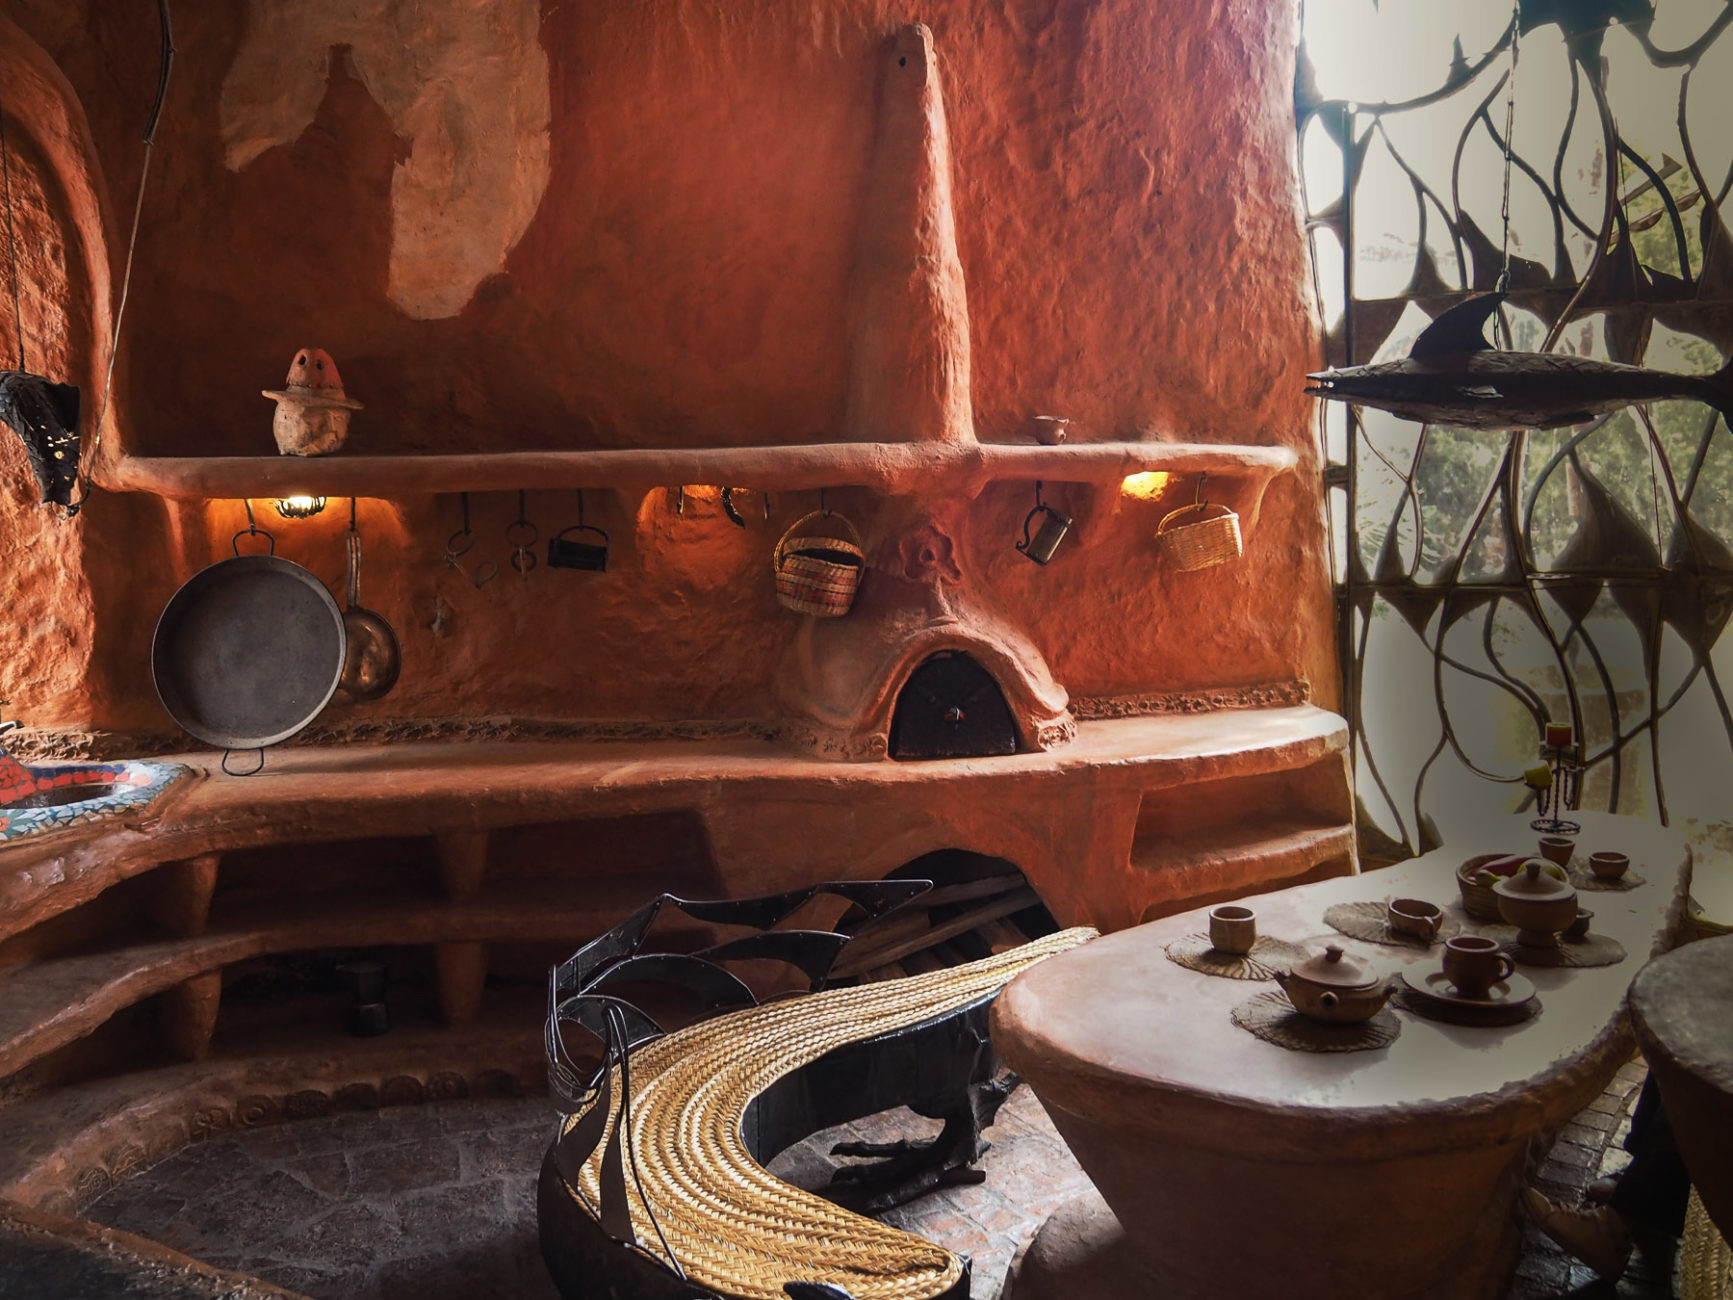 Küche und Essplatz im Terrakottahaus